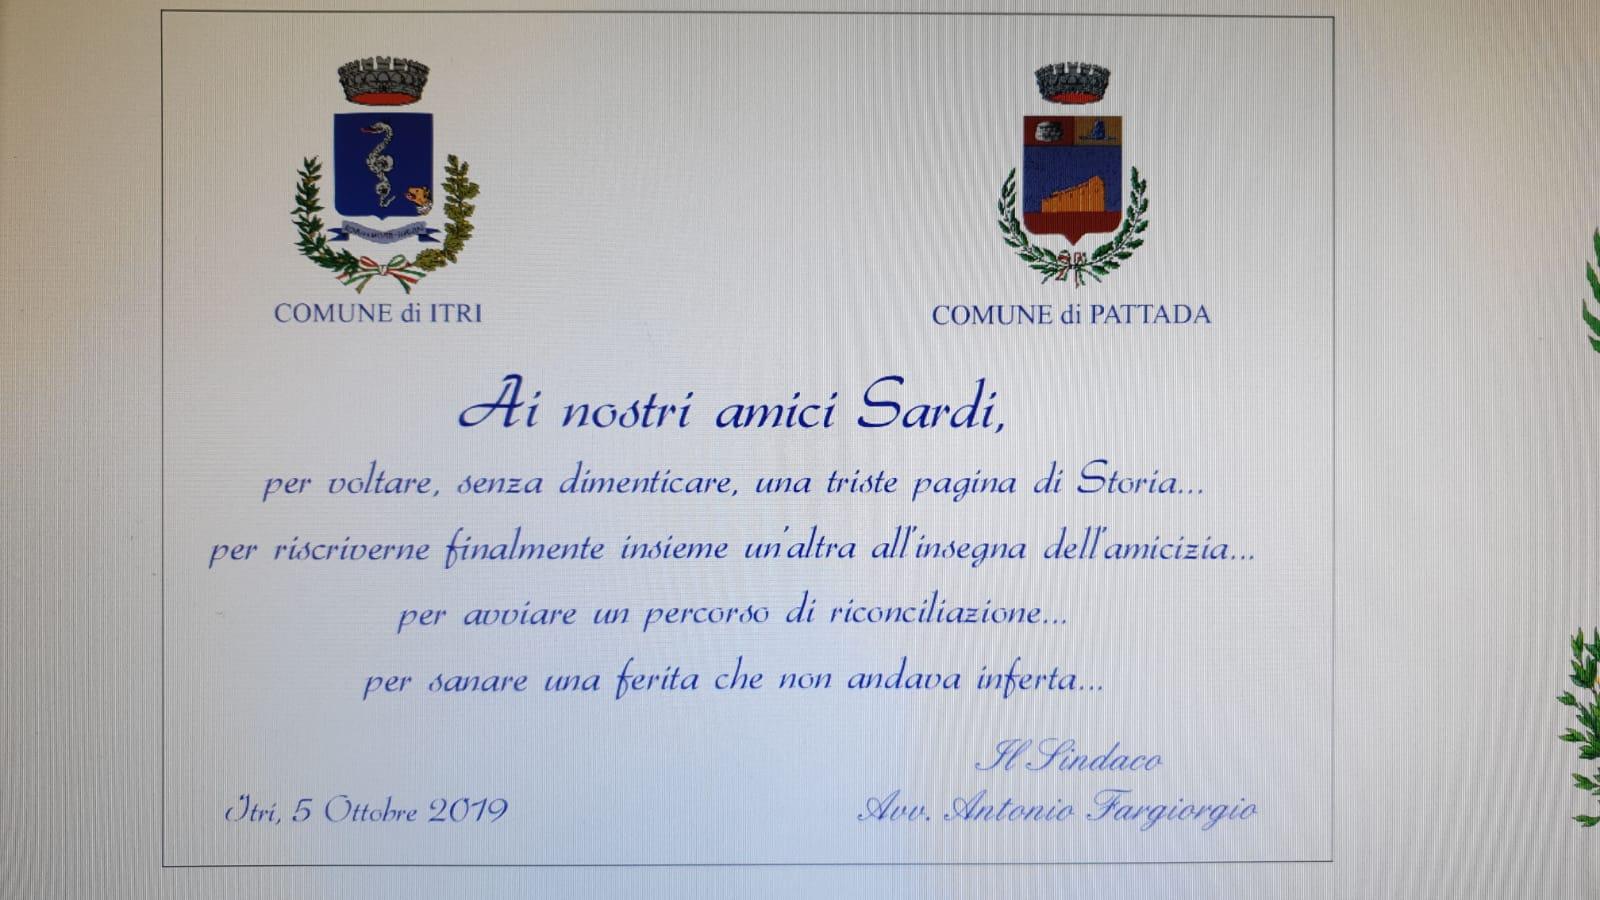 Solinas e la targa del sindaco di Itri a Pattada